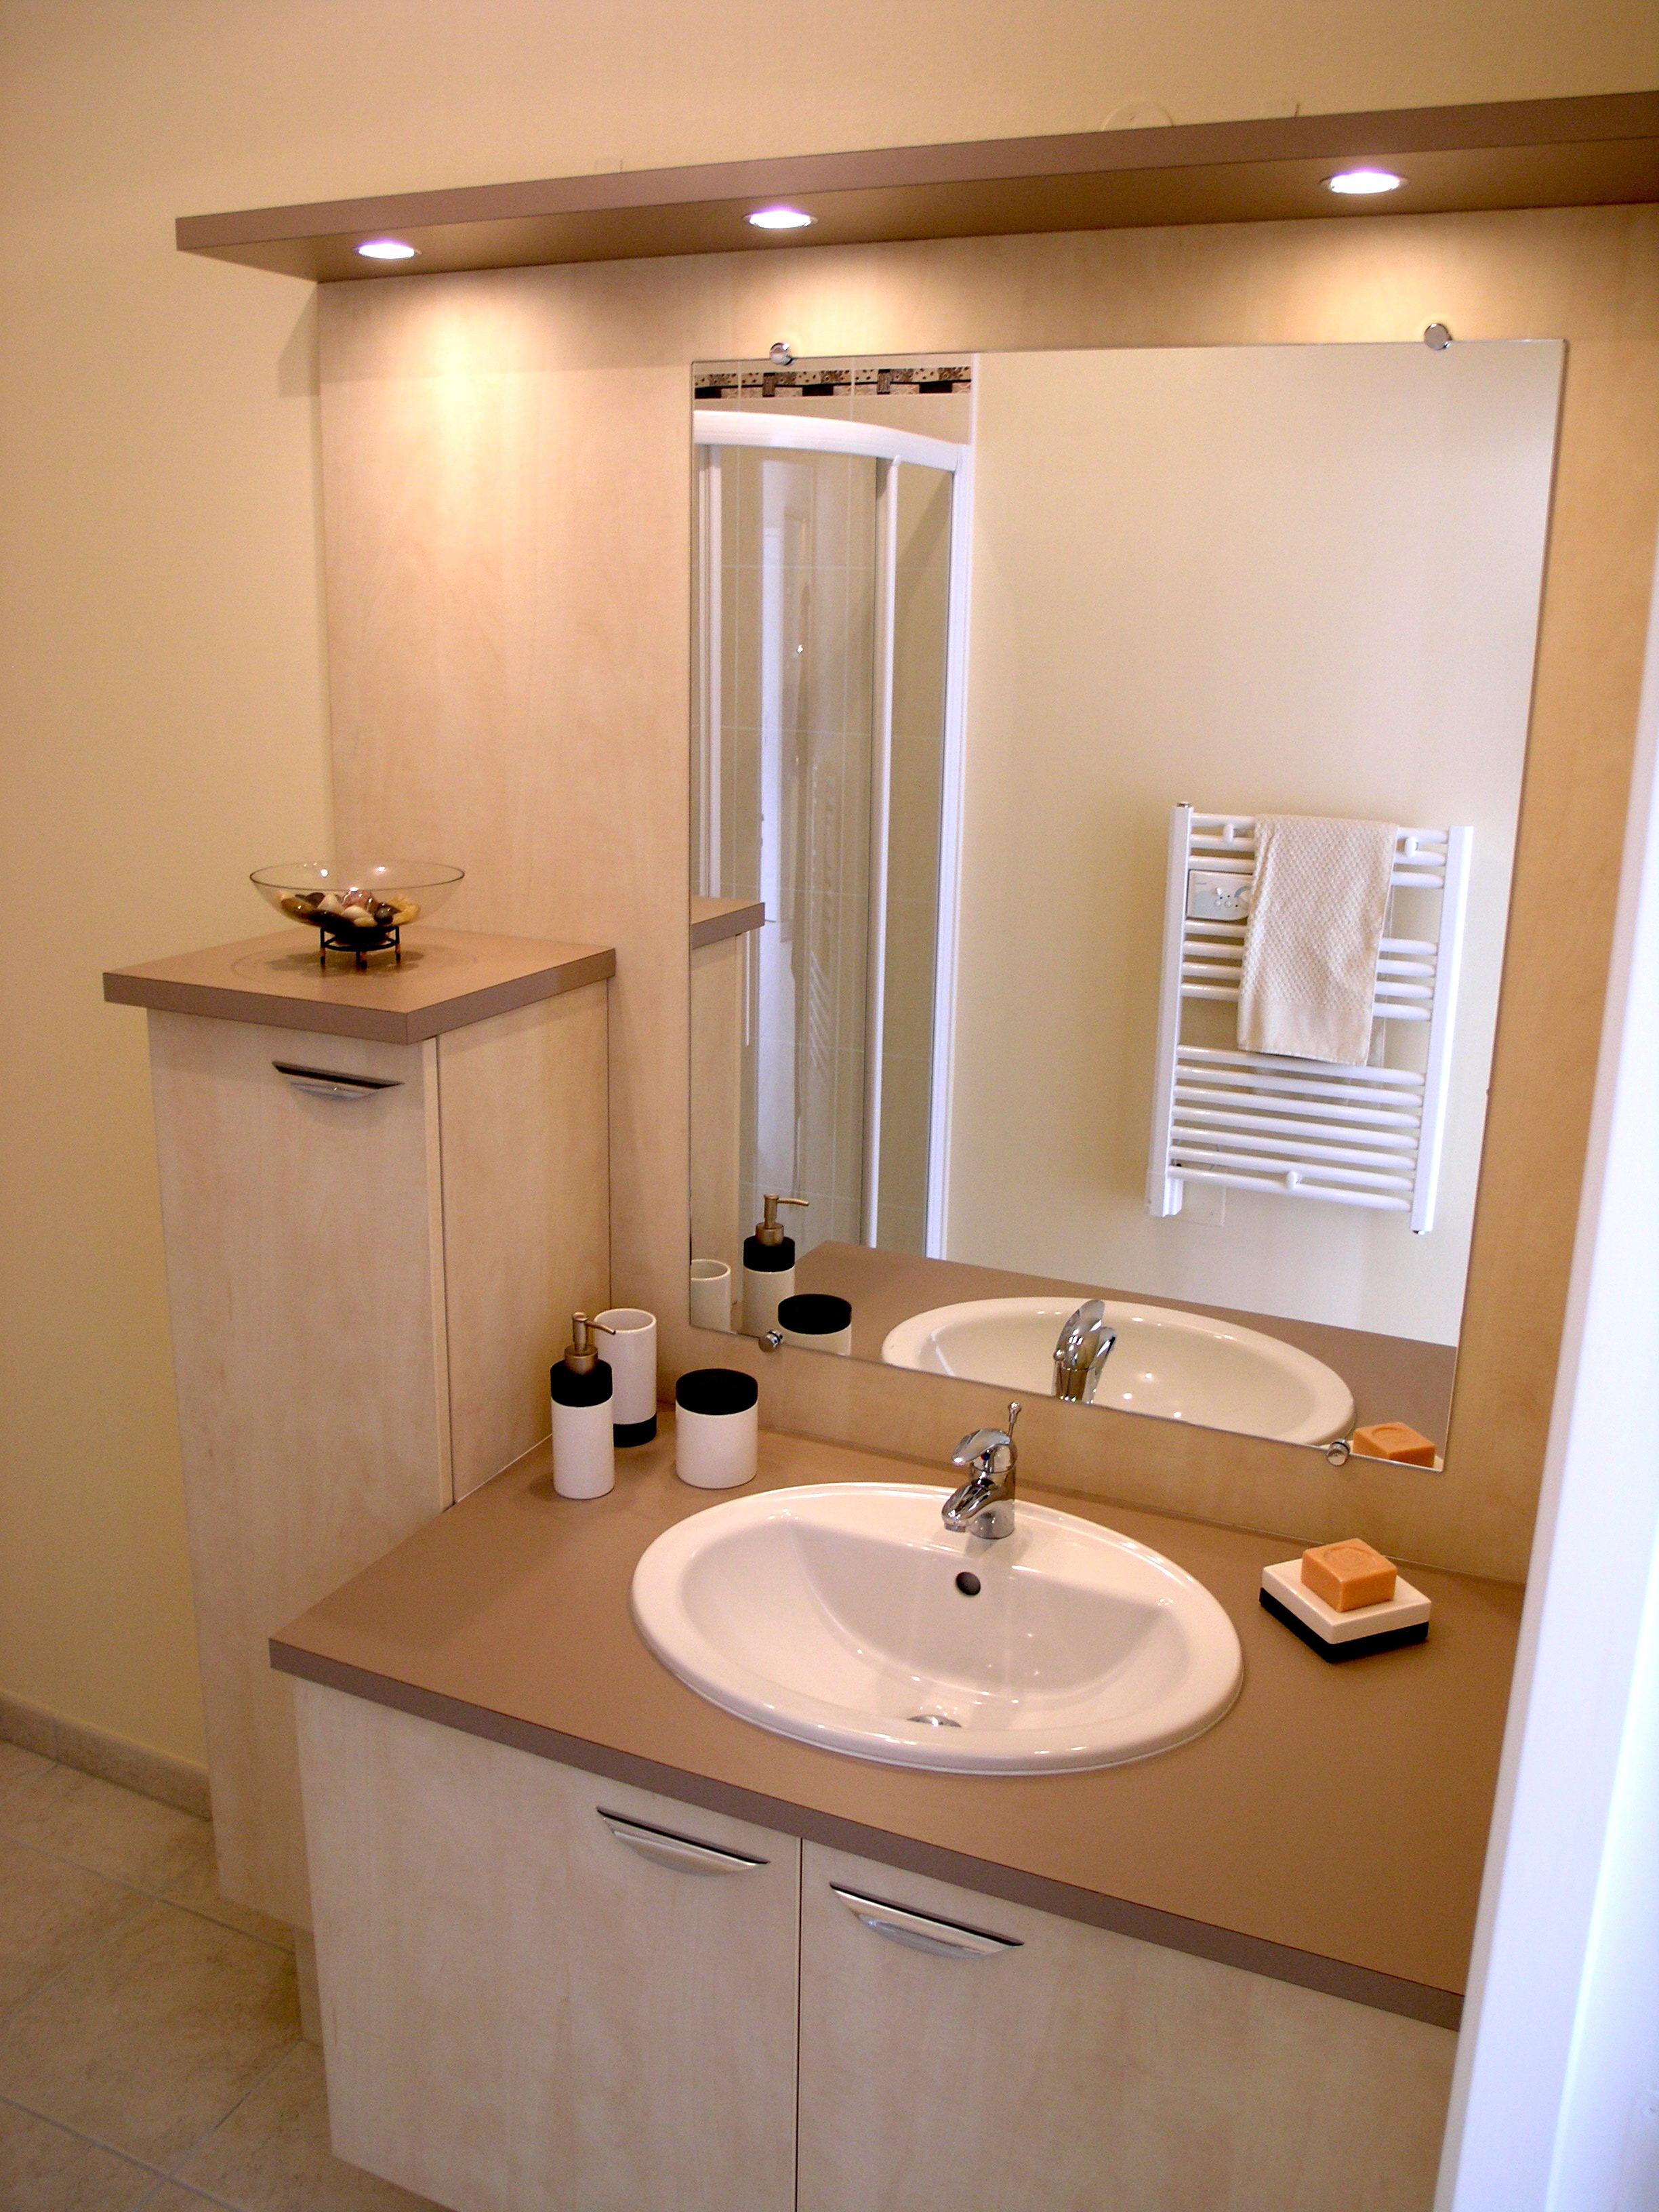 Meuble de salle de bains sur mesure avec miroir et bandeau - Glace de salle de bain avec eclairage ...